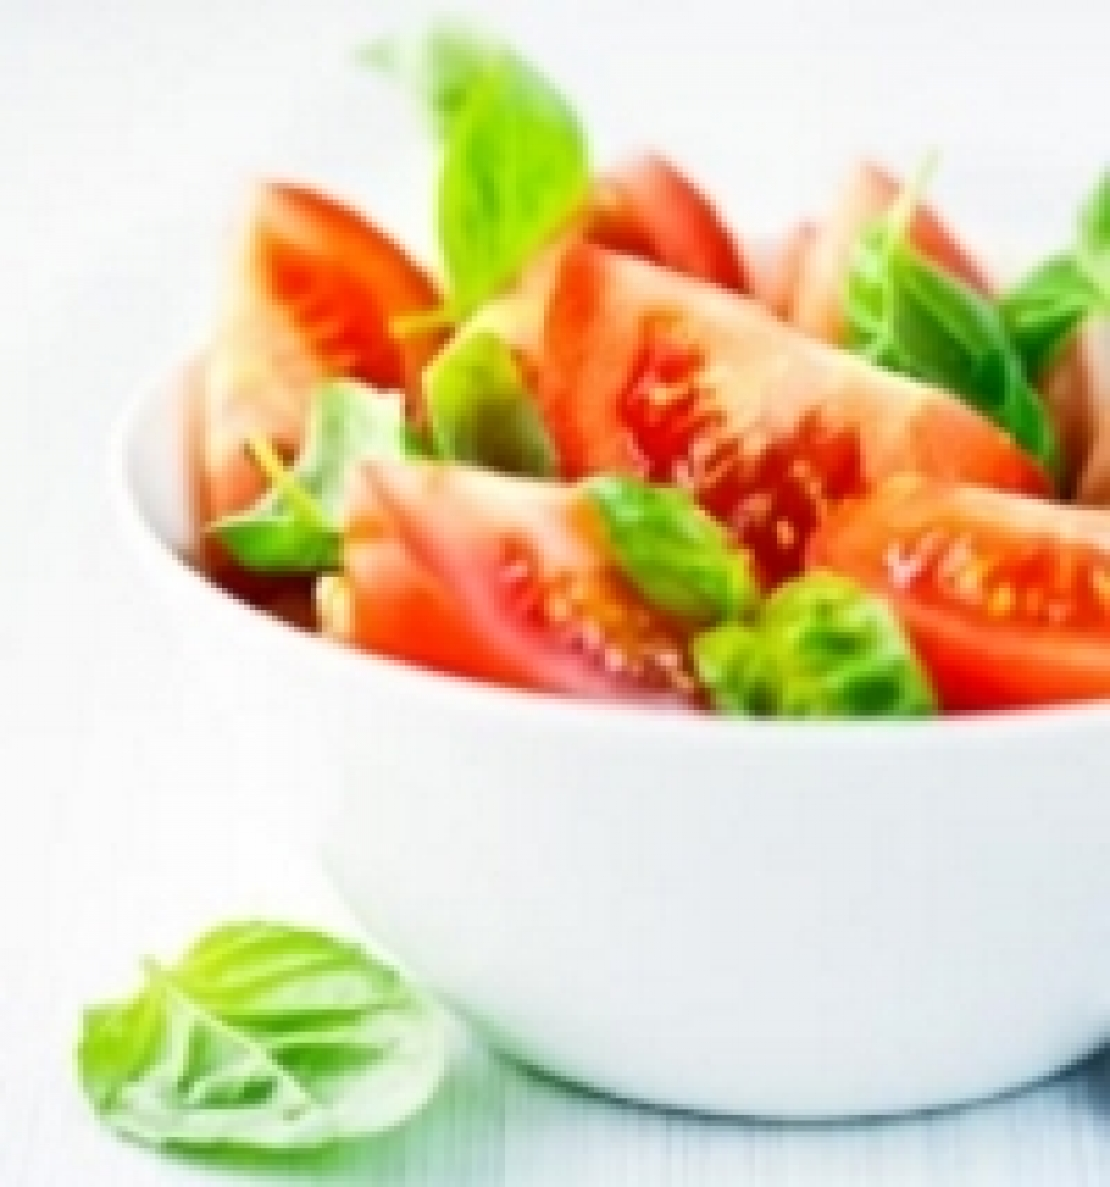 L'insalata di pomodori, condita con olio extra vergine di oliva, è uno scudo anti-cancro